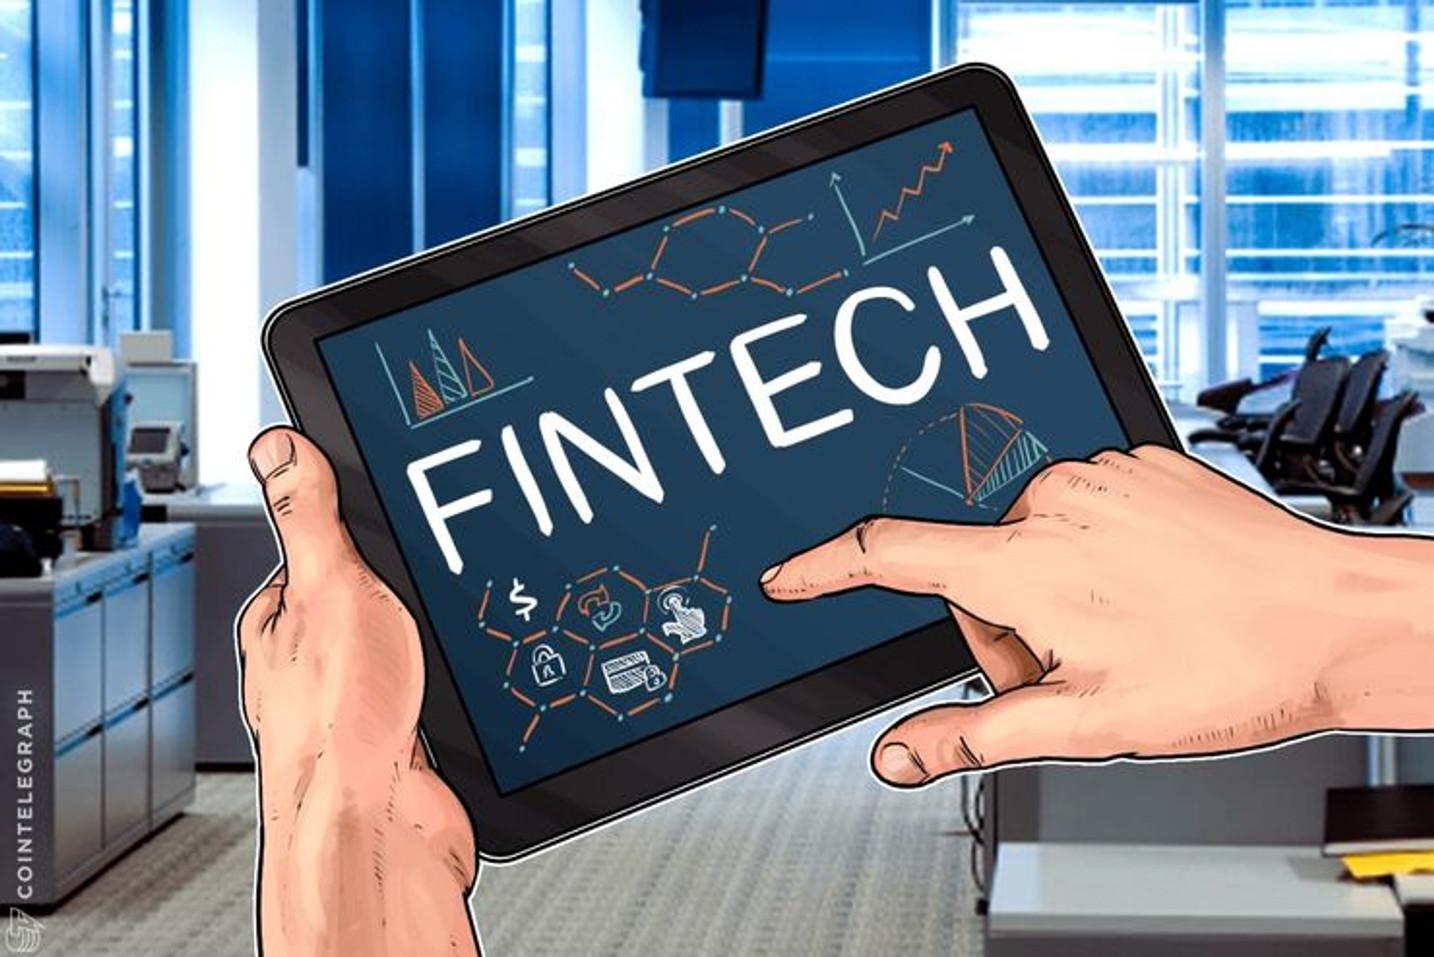 México: El Banco Santander considera que la Ley Fintech es positiva y necesaria